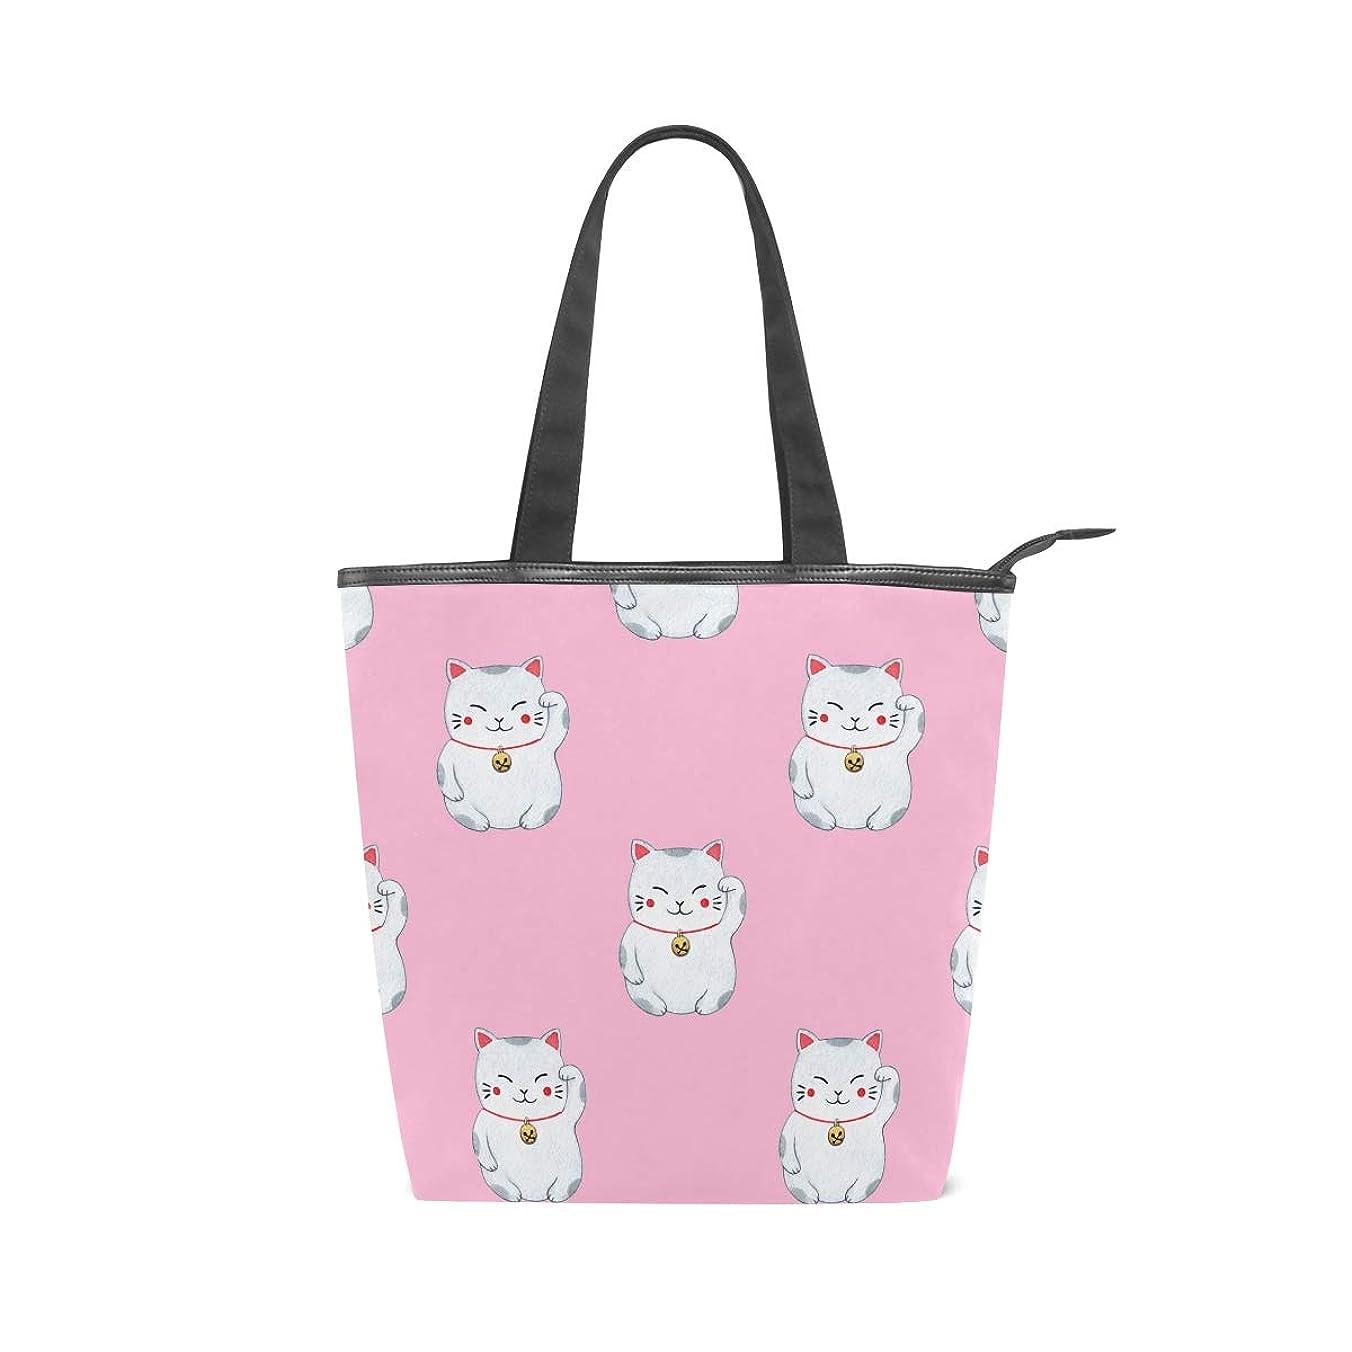 辞任する経済財布キャンバスバッグ トートバッグ ハンドバッグ 手提げ 招き猫 可愛い ピンク 大容量 通勤通学 メンズ レディース